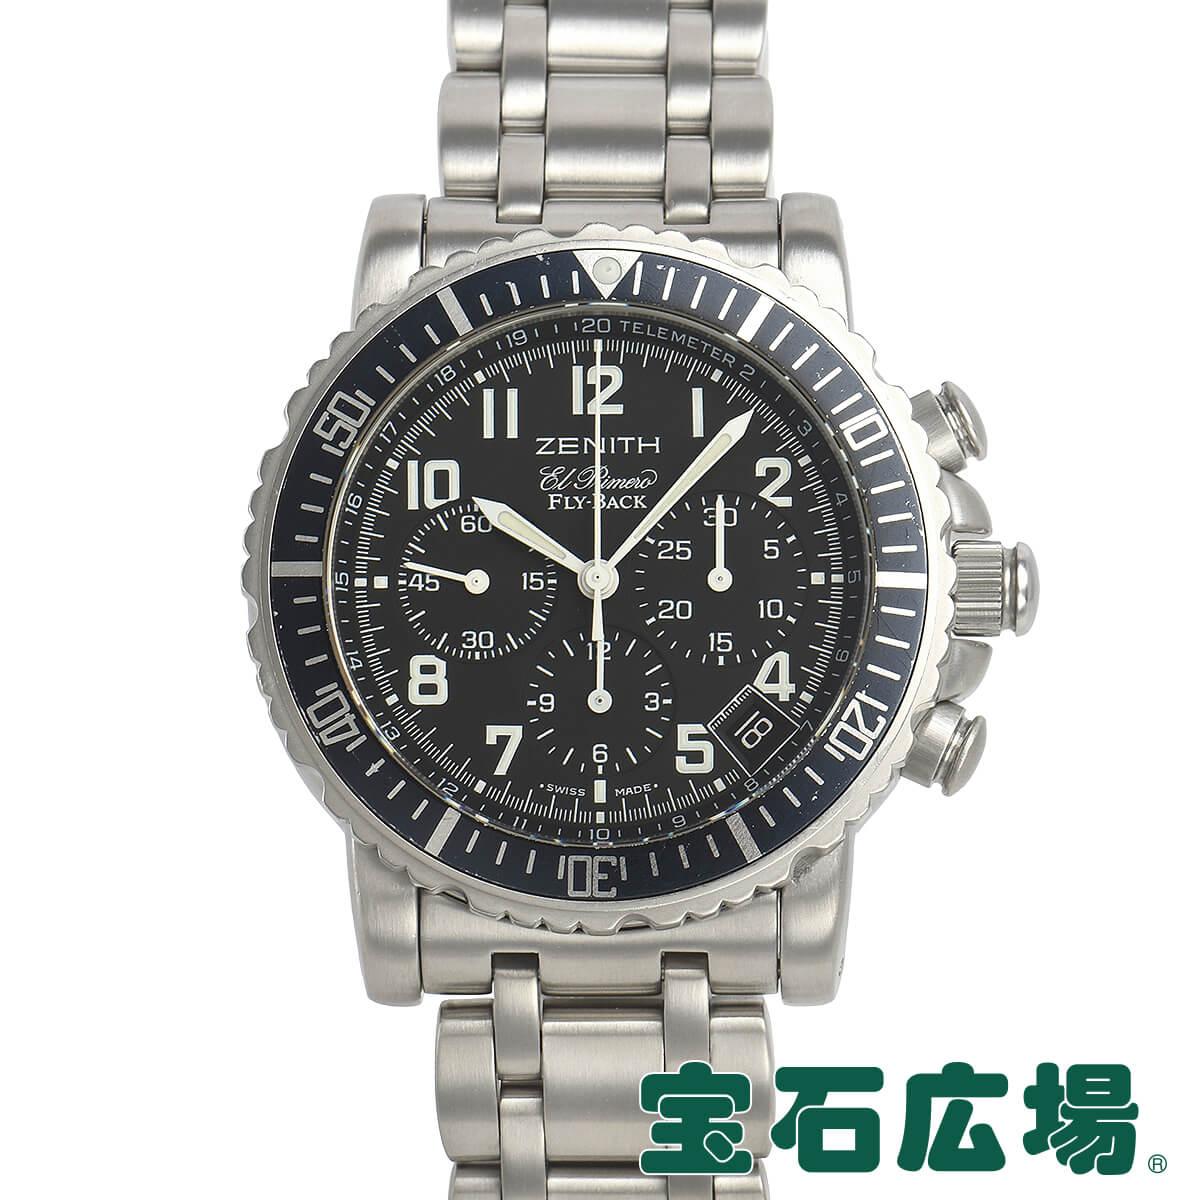 ゼニス ZENITH レインボーフライバック 02.0470.405/25【中古】メンズ 腕時計 送料・代引手数料無料